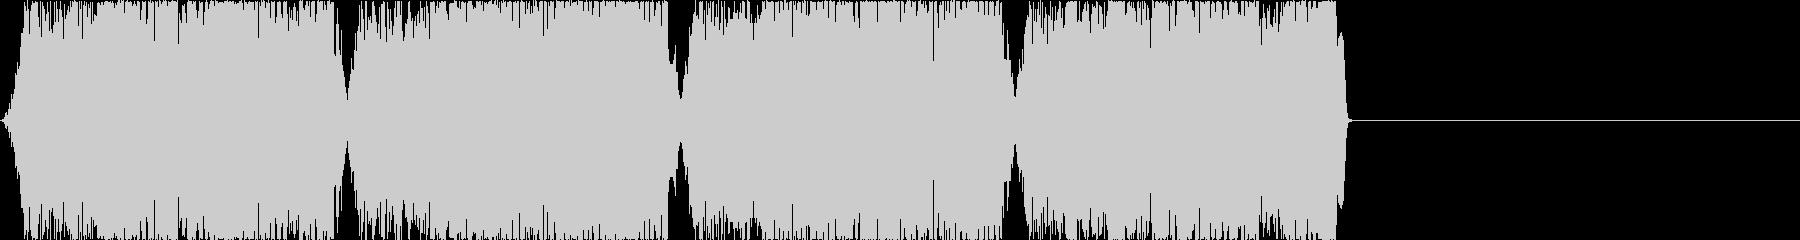 ブザー音1の未再生の波形